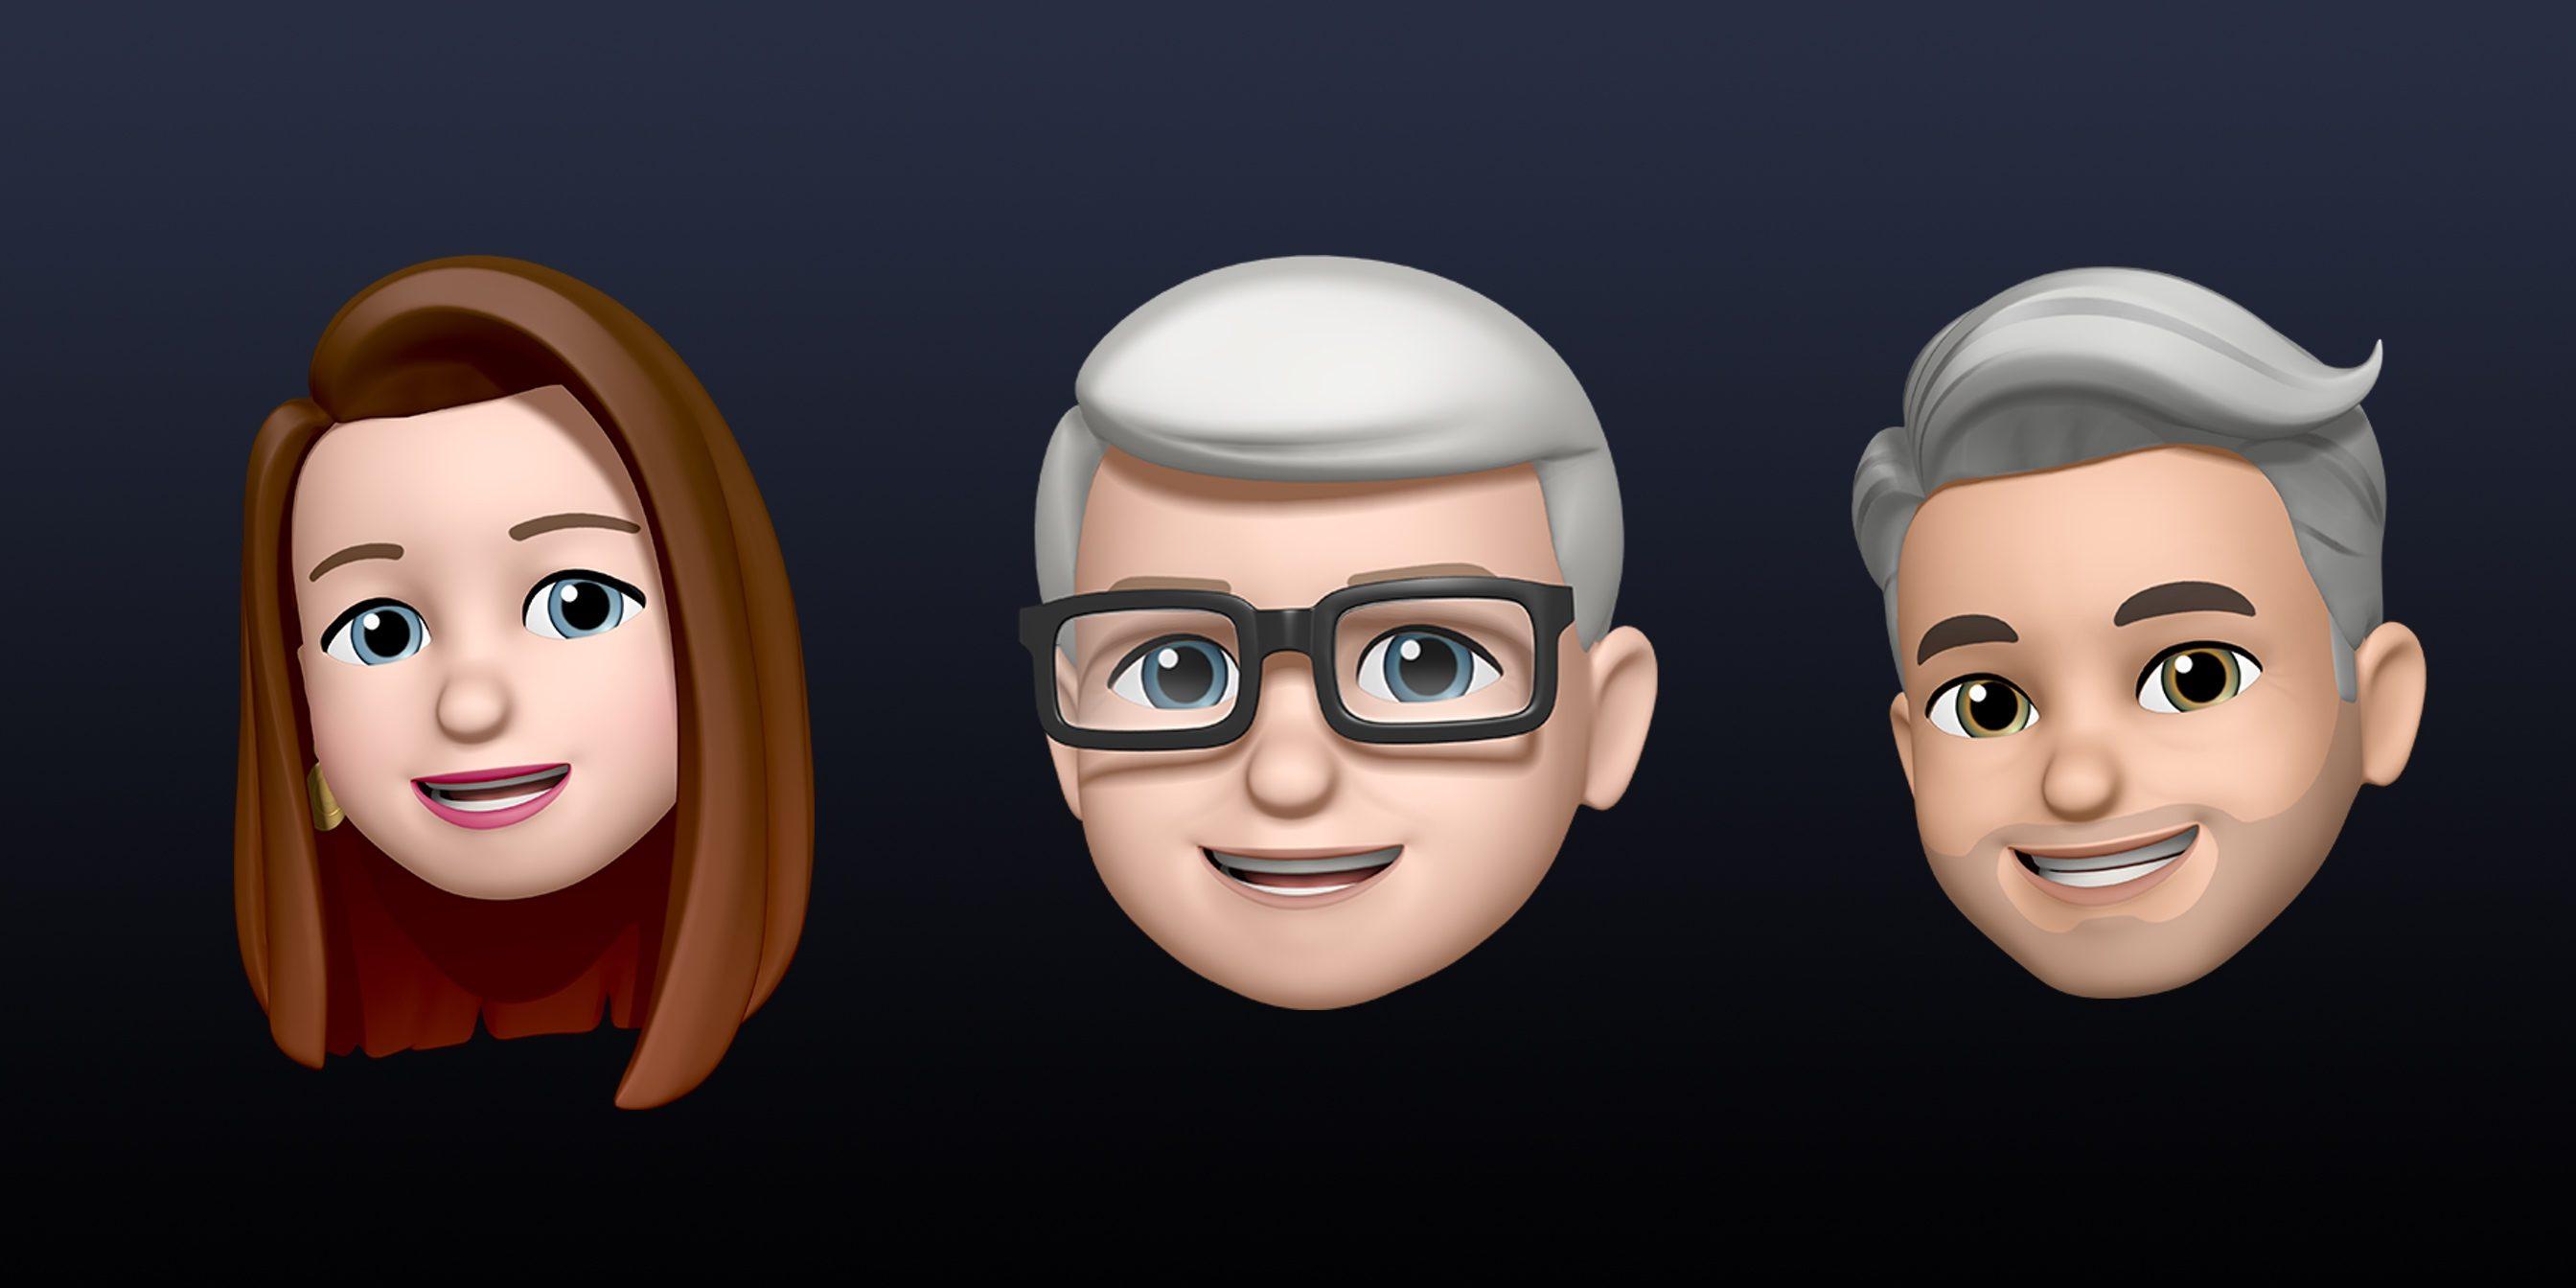 apple-emoji-leadership